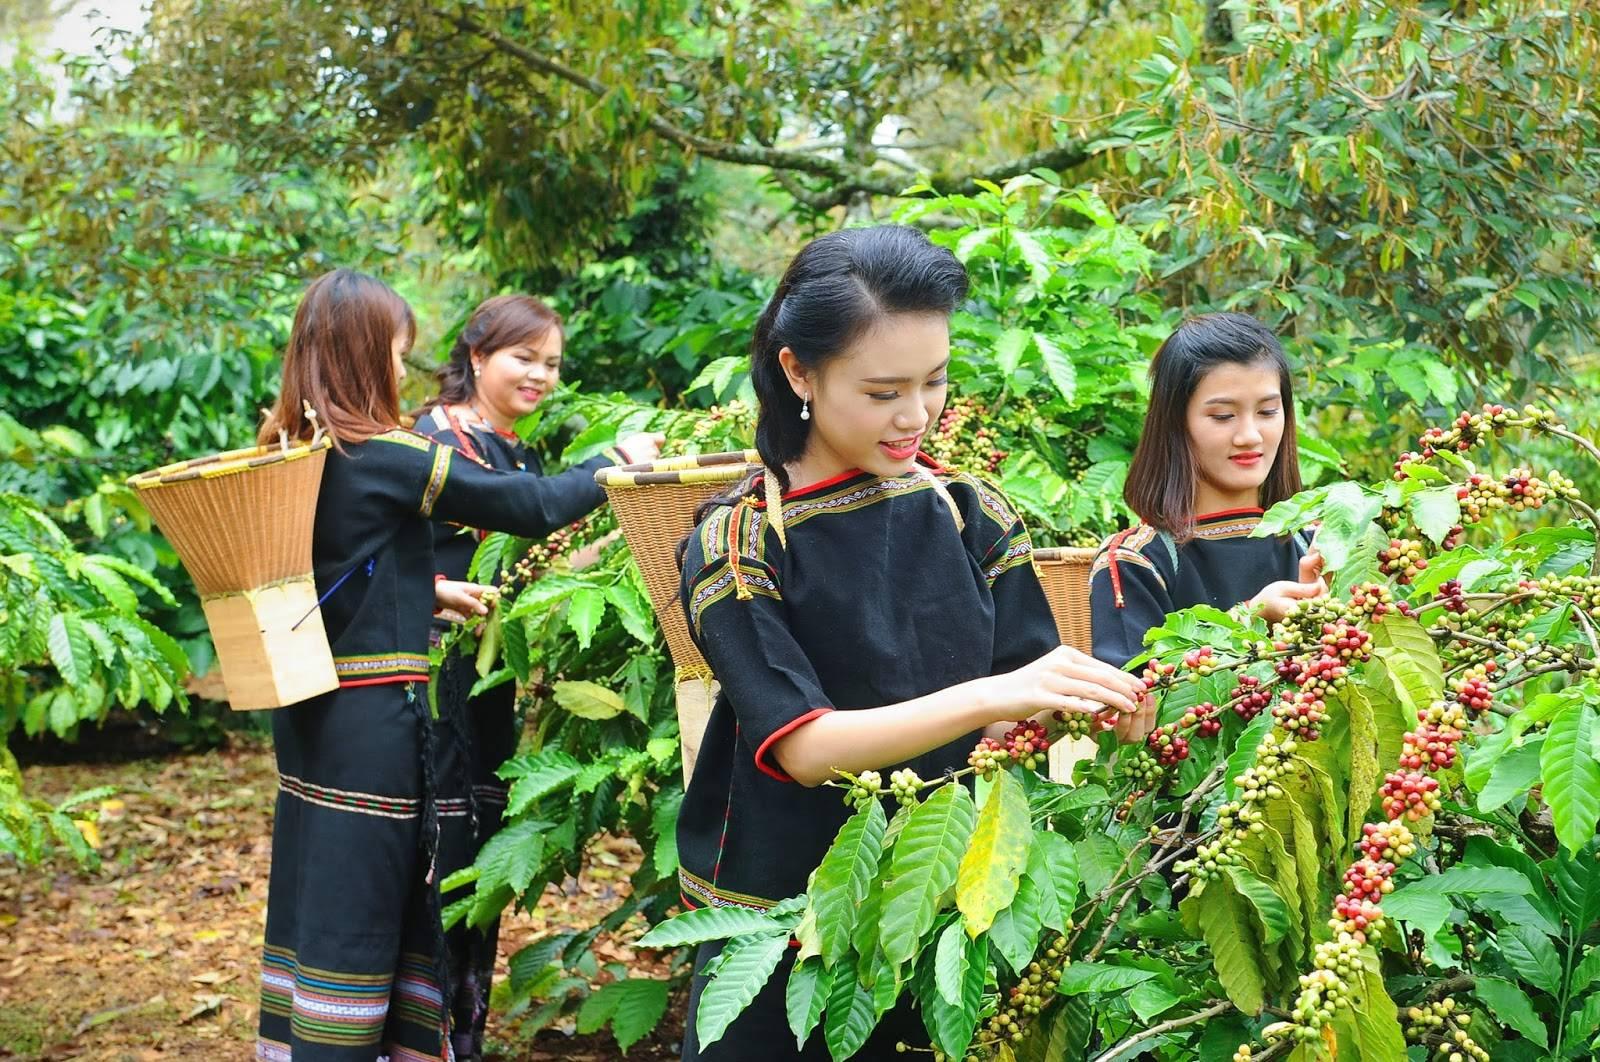 Кофе из вьетнама лювак: стоимость во вьетнаме